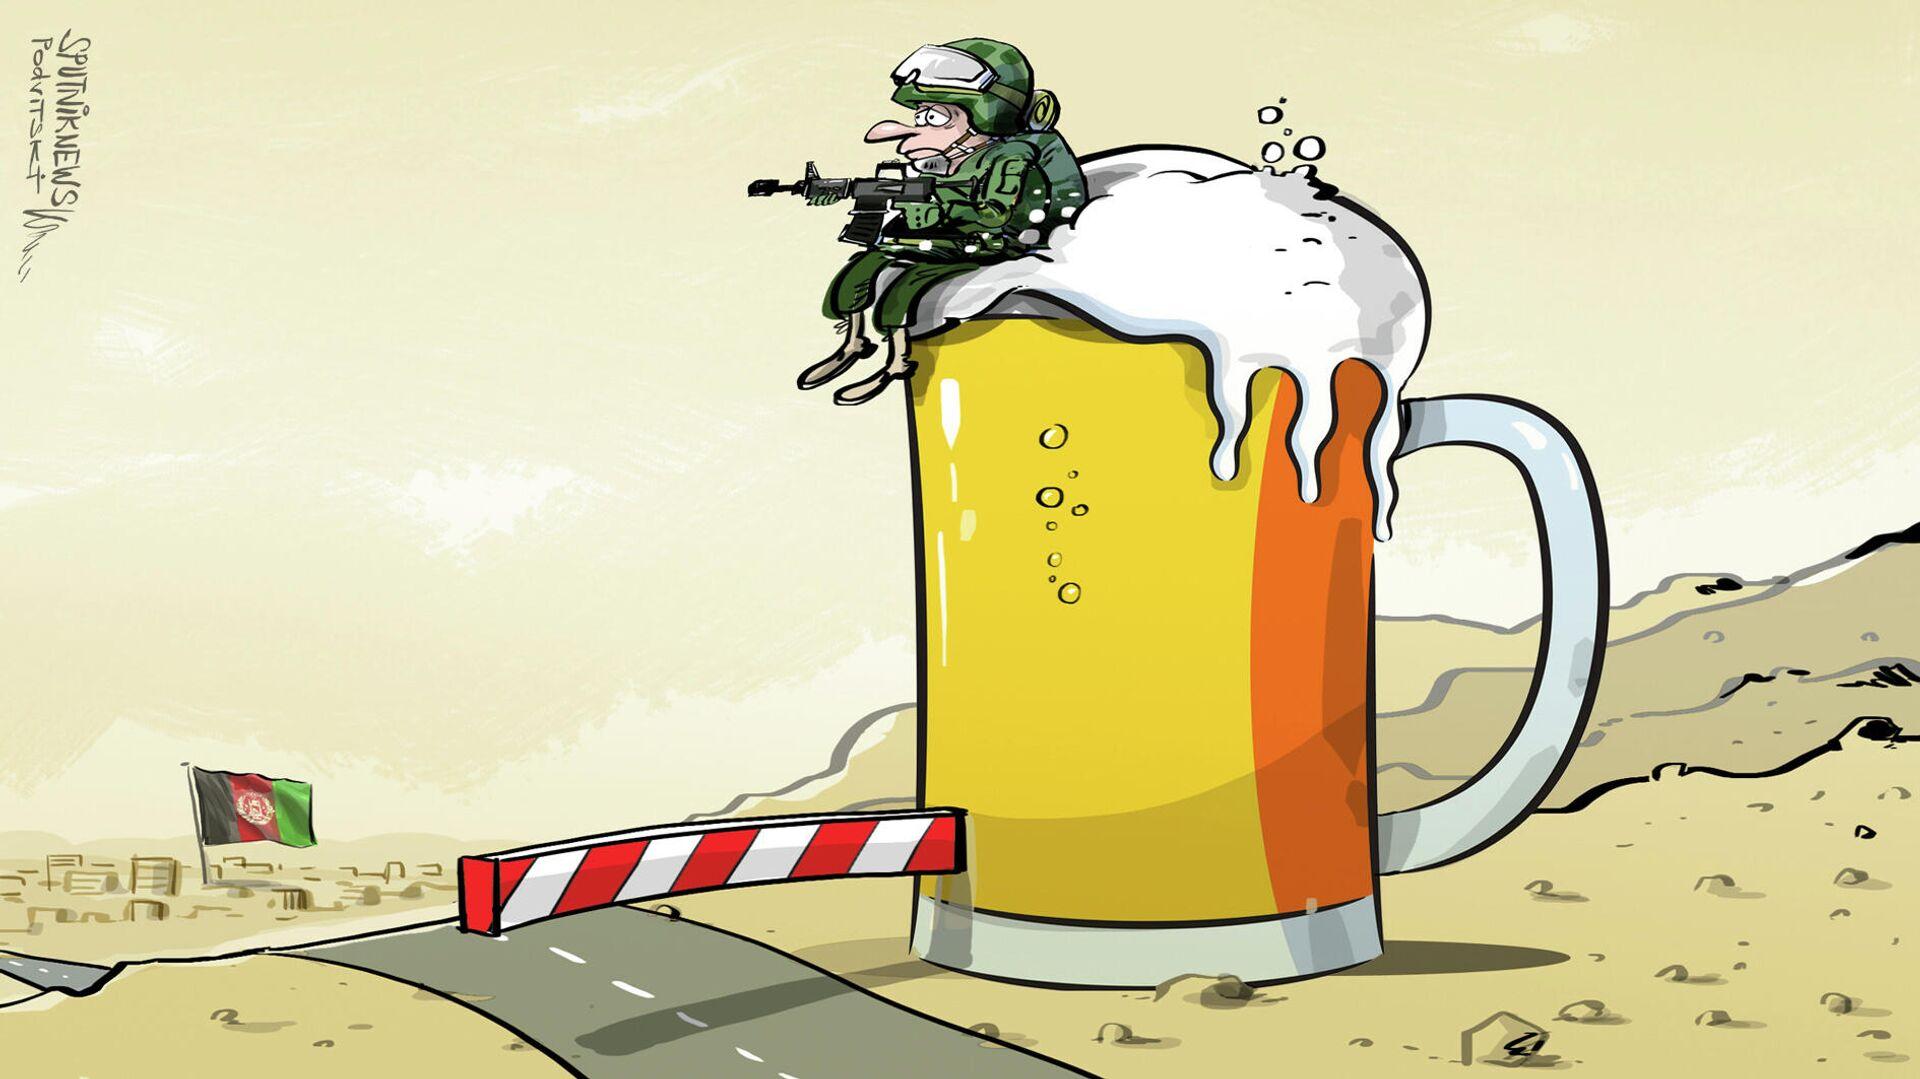 La cerveza que los alemanes no se acabaron en Afganistán - Sputnik Mundo, 1920, 08.06.2021